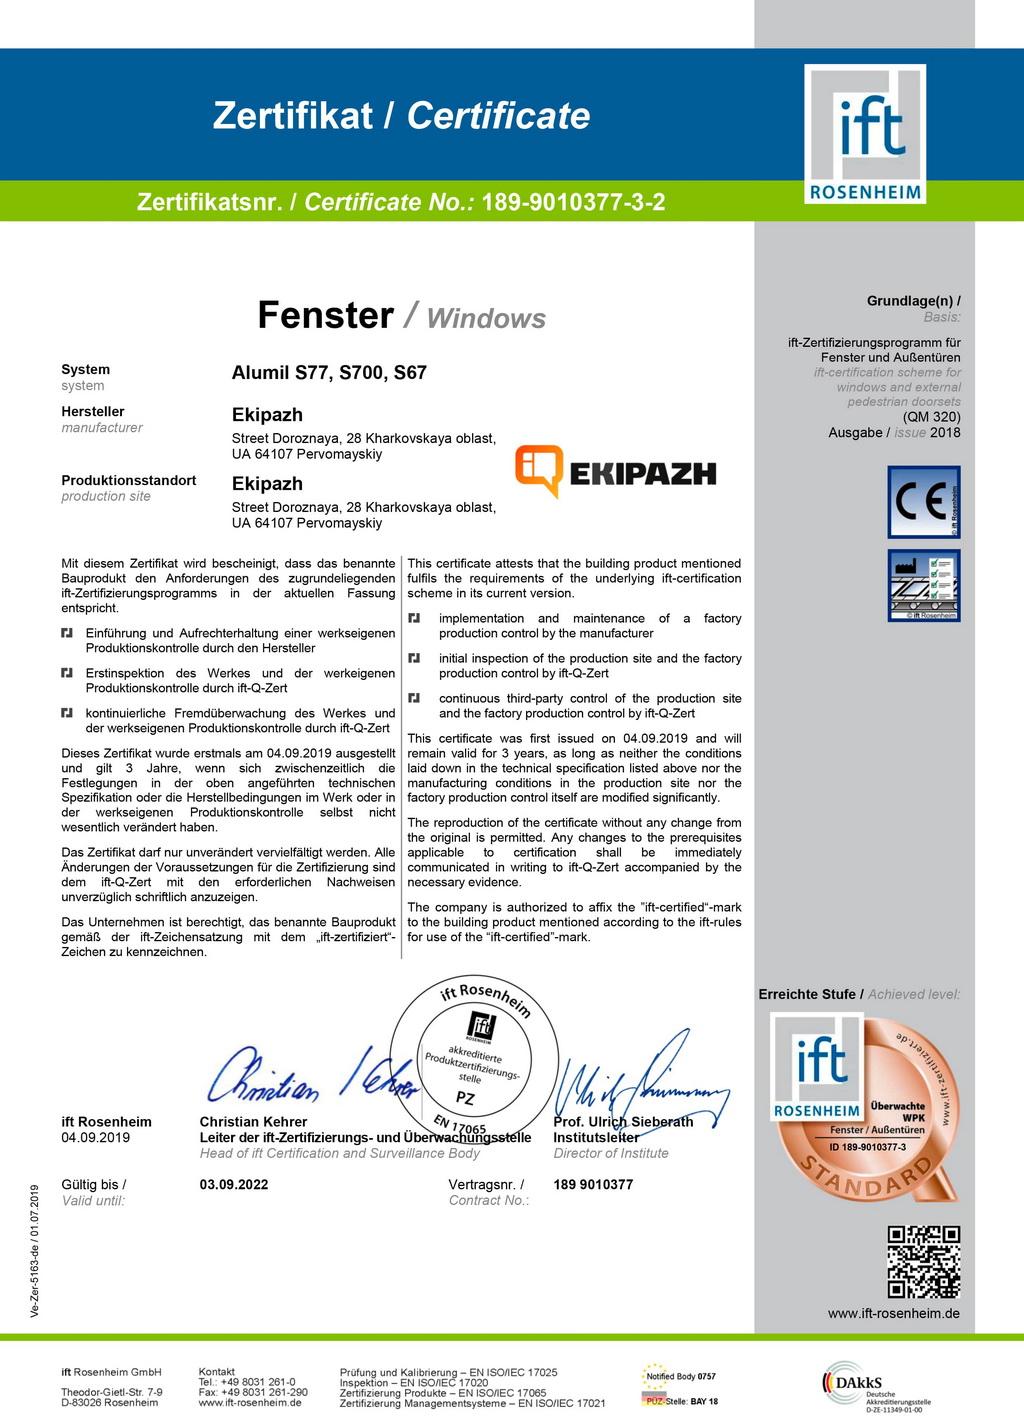 Сертифікат ROSENHEIM Alumil S77, S700, S67, який допомагає дилерам EKIPAZH при роботі з клієнтами